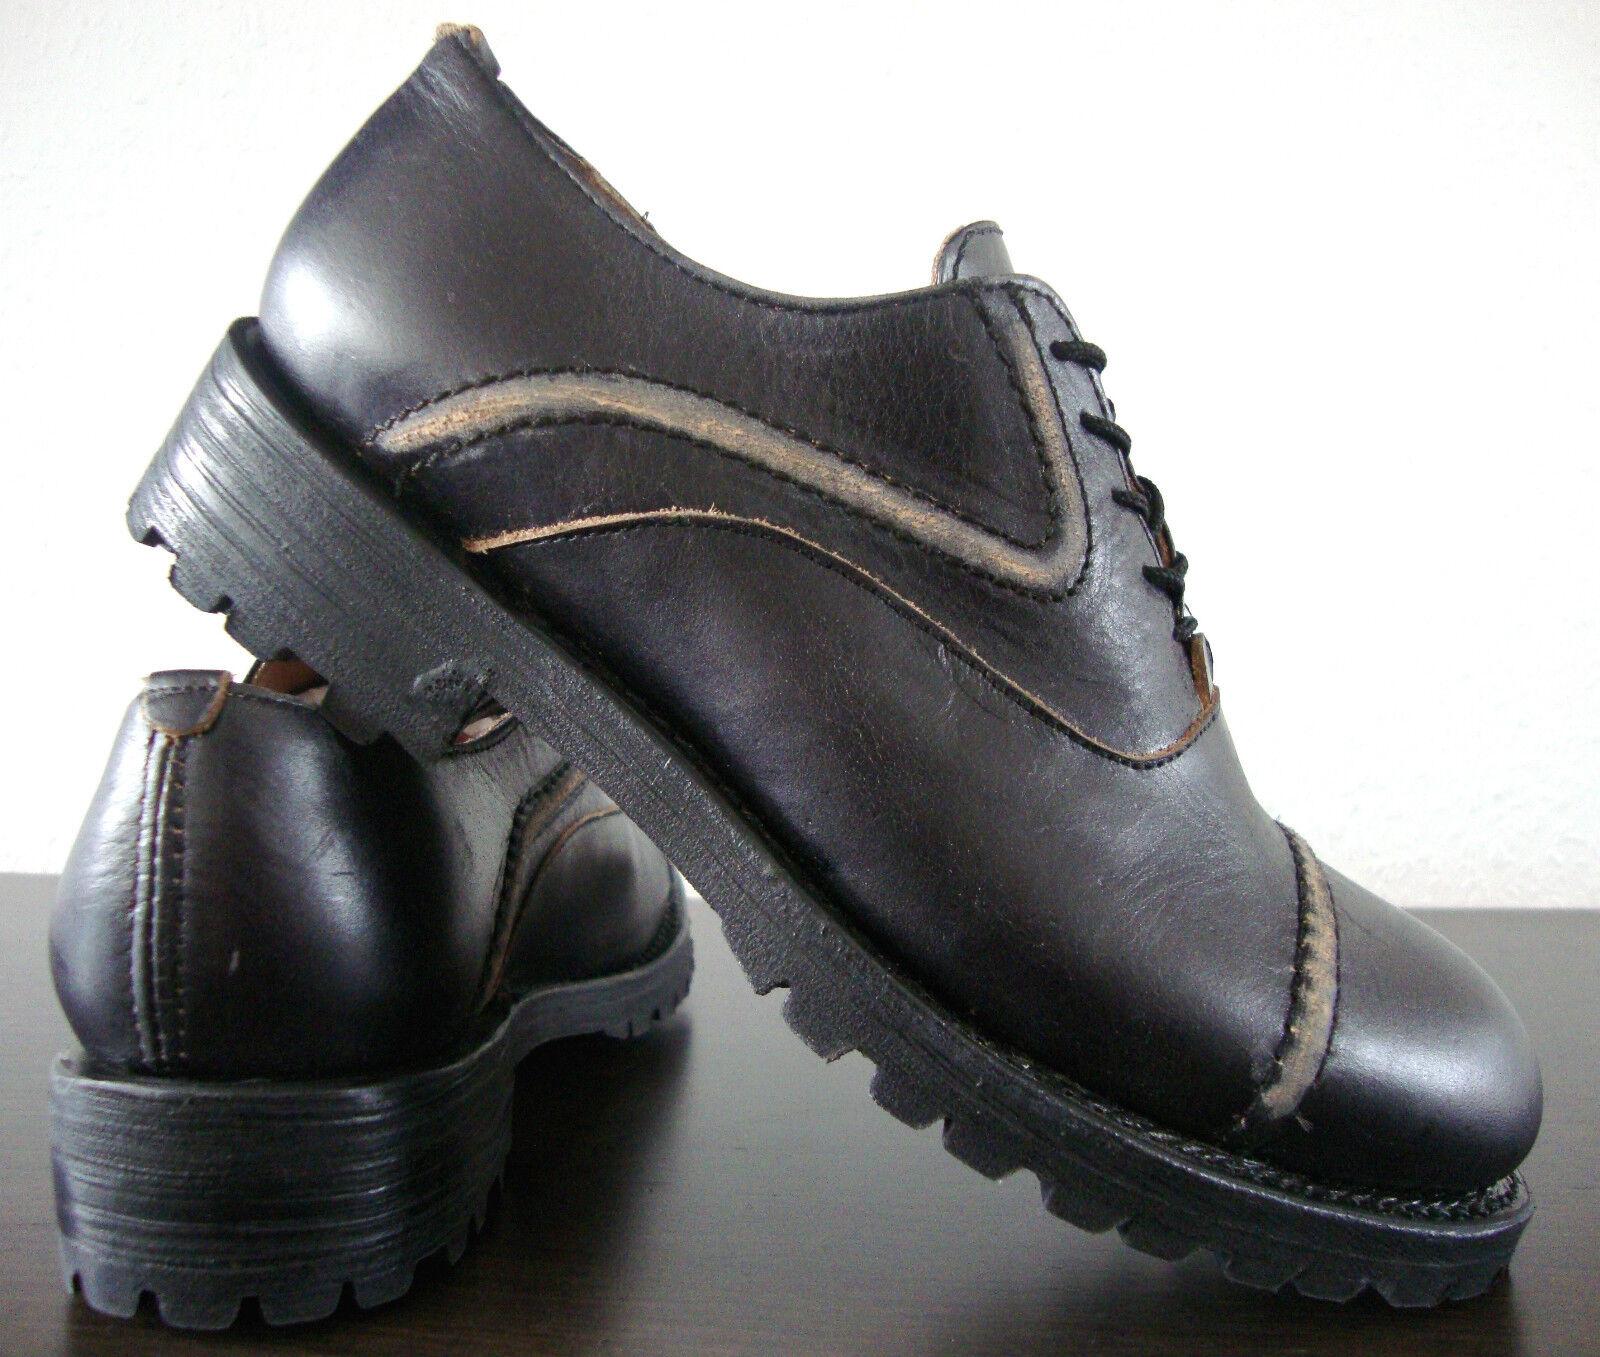 Los últimos zapatos de descuento para hombres y mujeres Descuento por tiempo limitado ASH OWEN Schnürschuhe Slipper Schuhe Sneaker Damen Halbschuhe Leder Gr.37 NEU